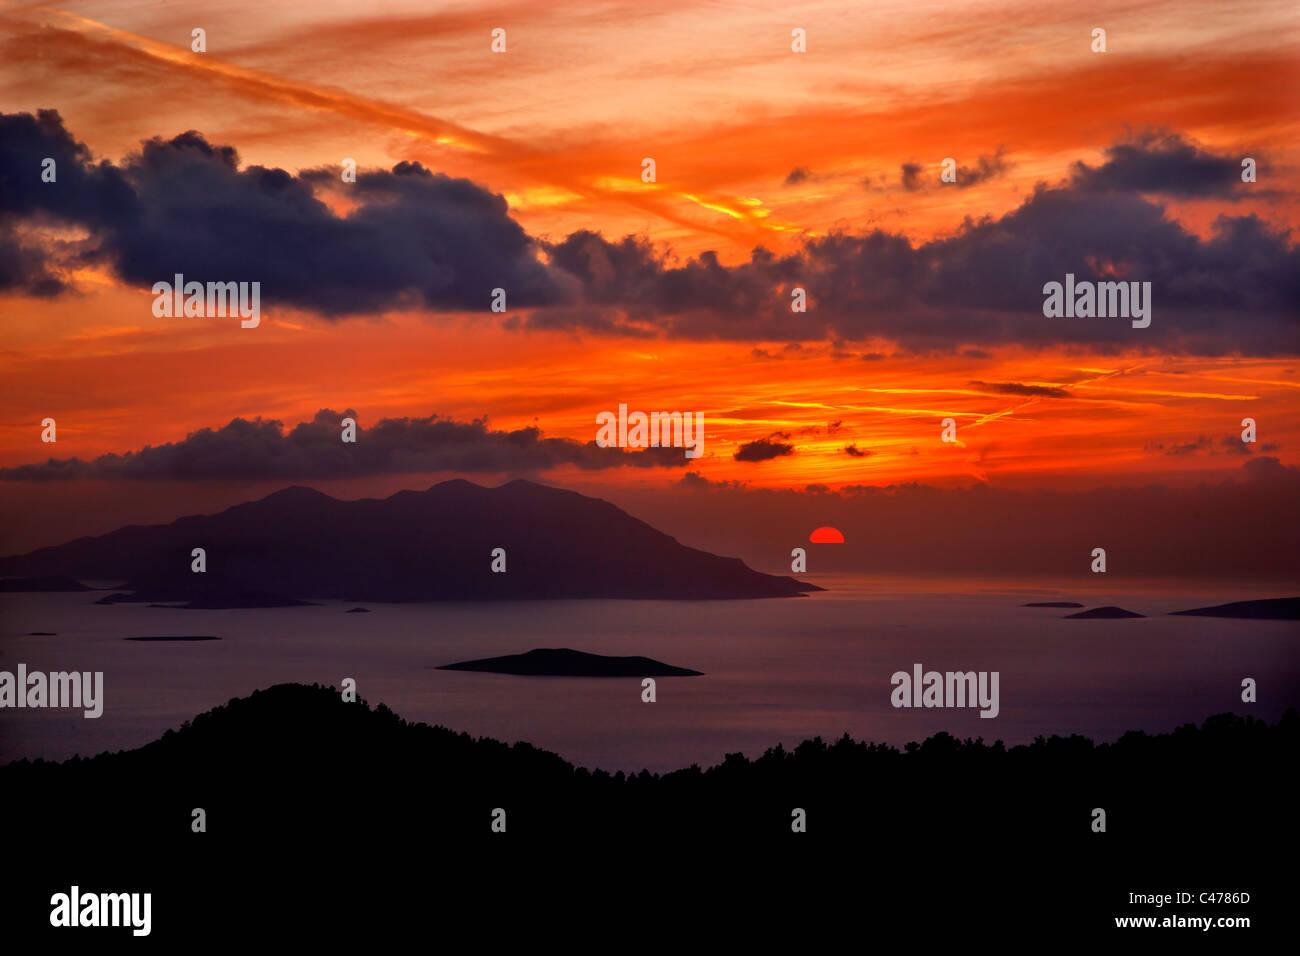 Foto del atardecer desde el suroeste de Rodas, cerca de la aldea de Kritinia. La isla más grande en el fondo Imagen De Stock